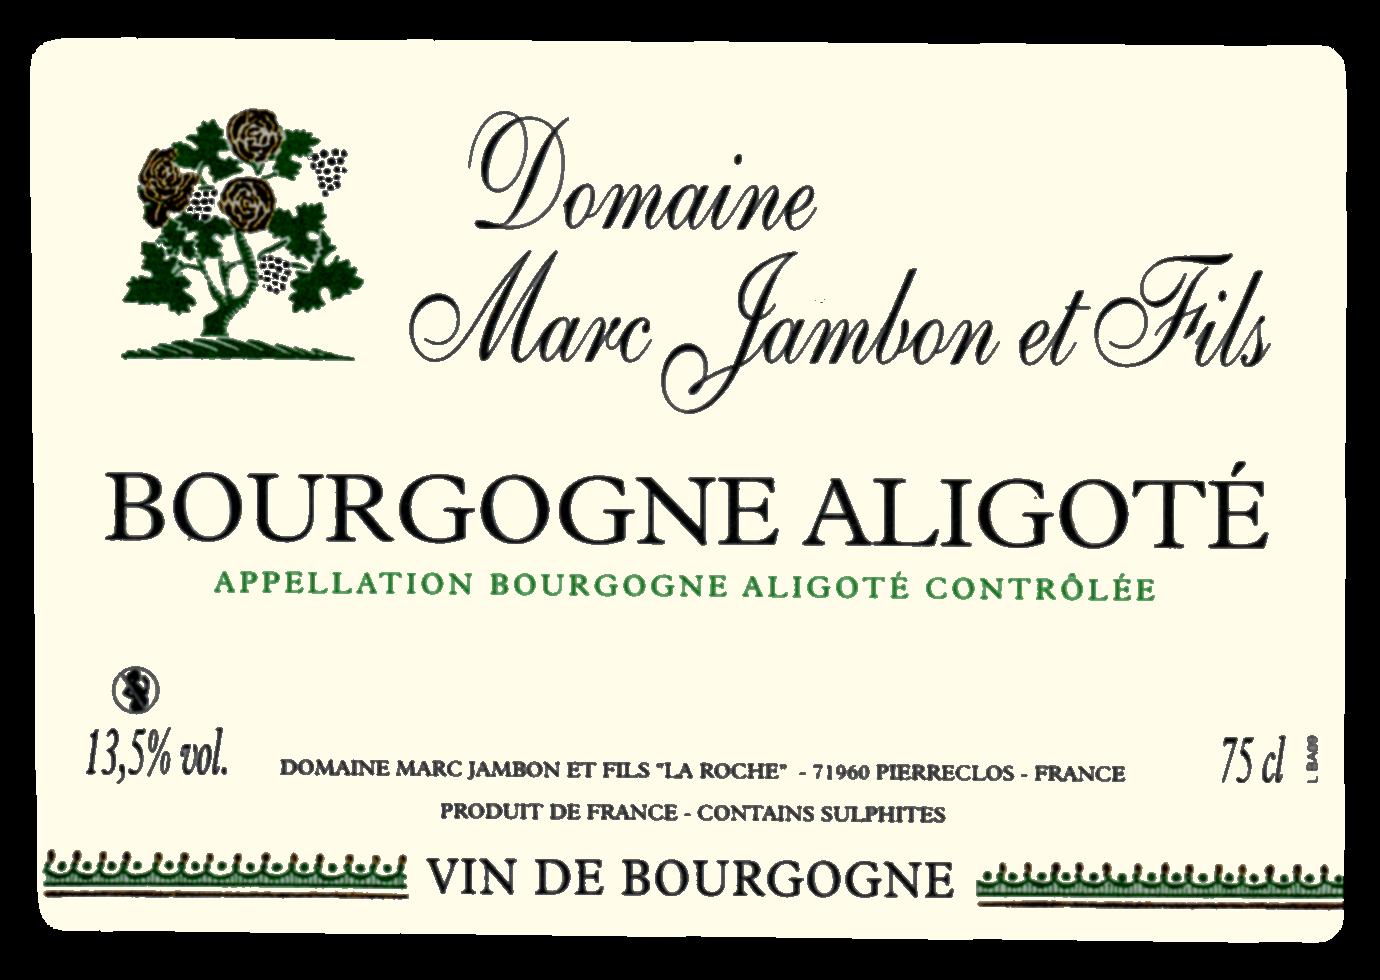 Bourgogne aligote Domaine Marc JAMBON et Fils